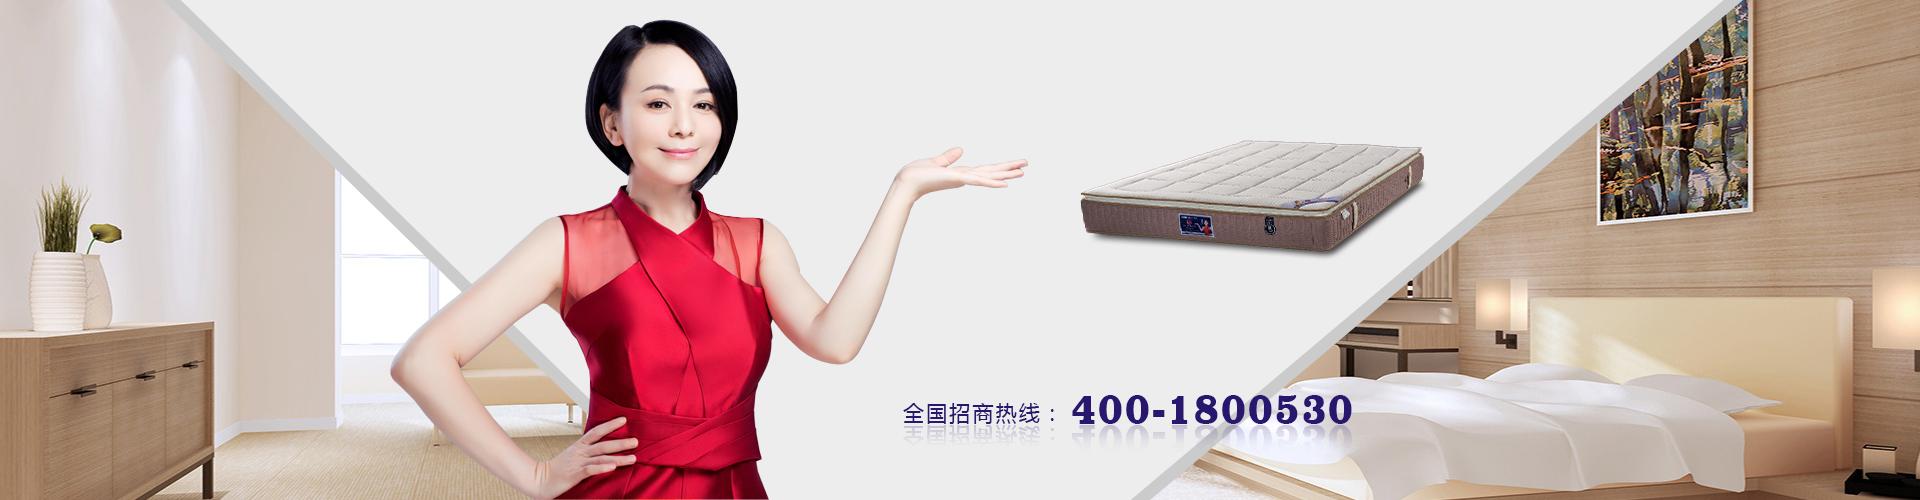 广西健宁床垫,广西健康床垫,南宁环保床垫